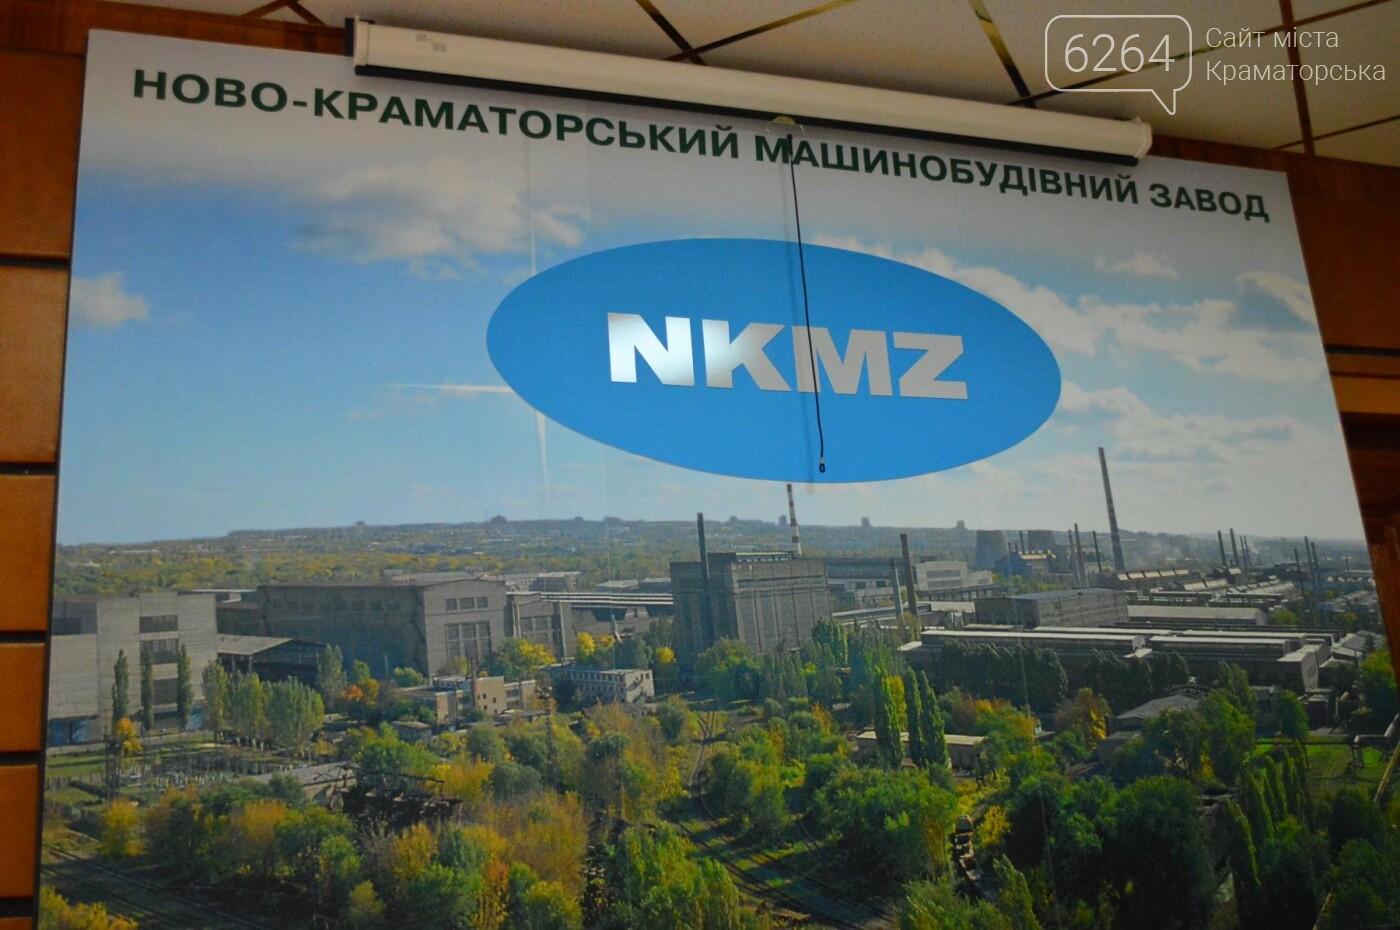 В Краматорске прошла пресс-конференция, на которой подвели итоги работы НКМЗ, фото-2